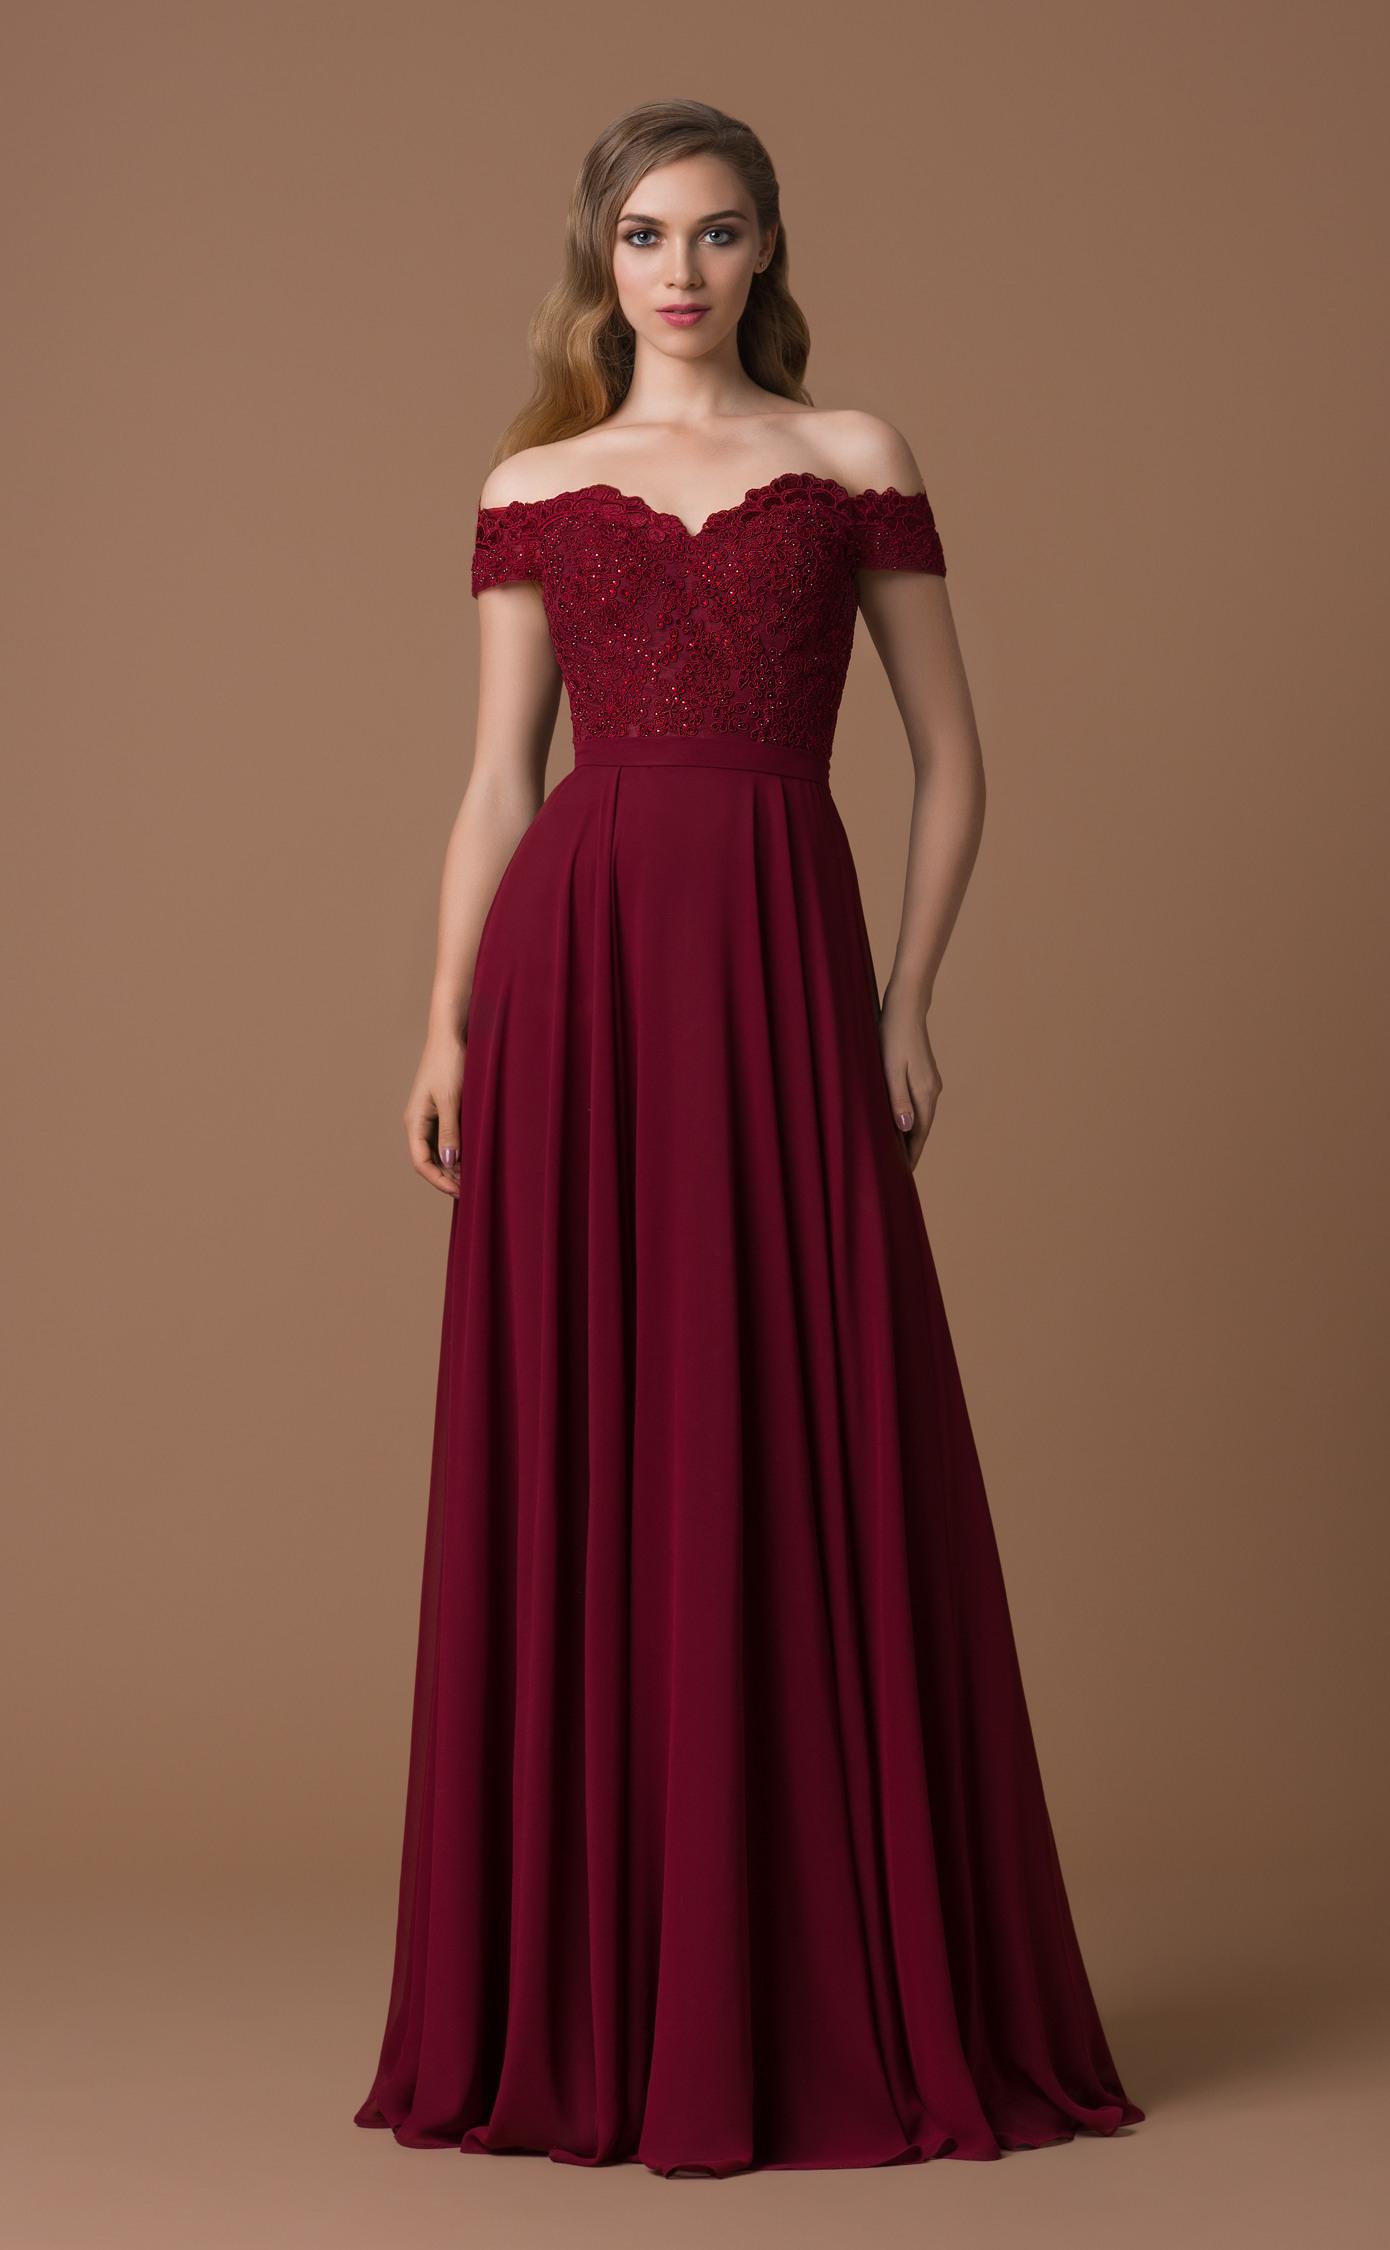 10 Erstaunlich Abendkleid Bordeaux Rot Spezialgebiet - Abendkleid